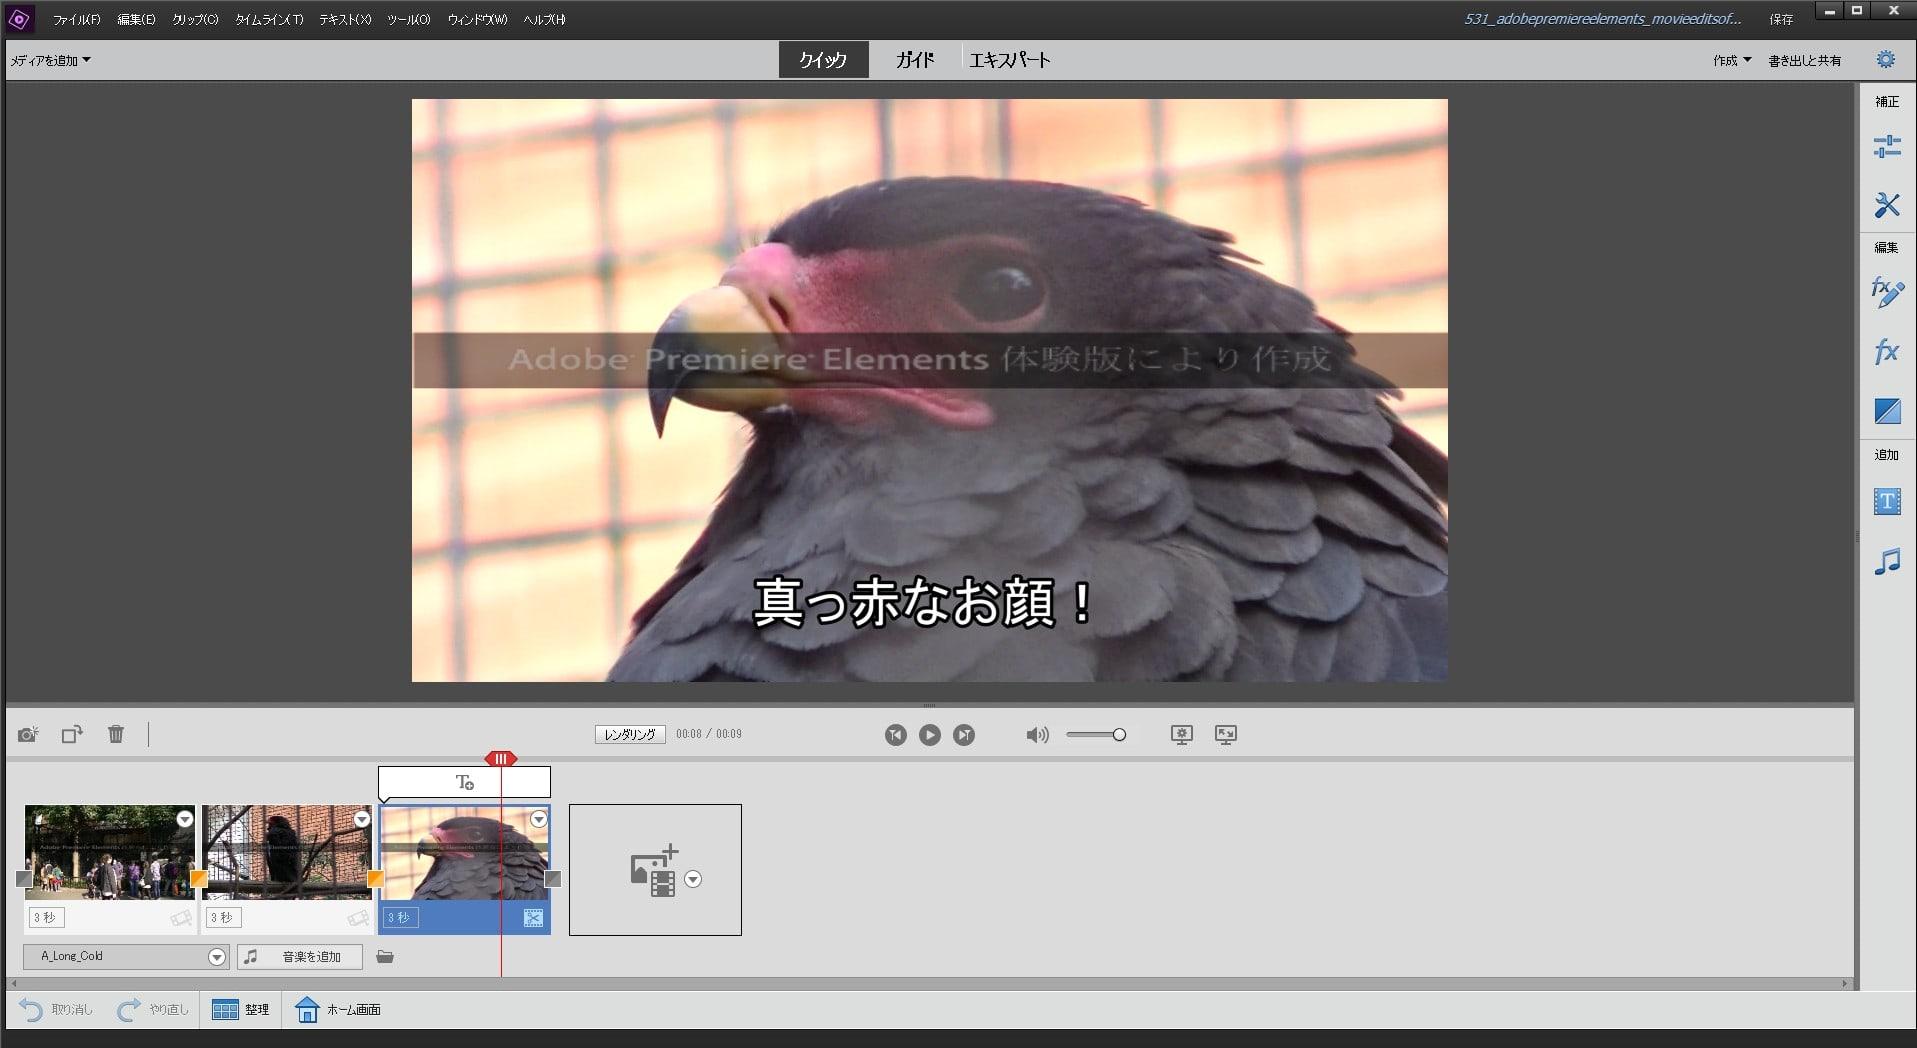 クイック編集機能 Adobe Premiere Elements2019の使い方(1) 機能の紹介 動画編集ソフト アドビプレミアエレメンツ入門